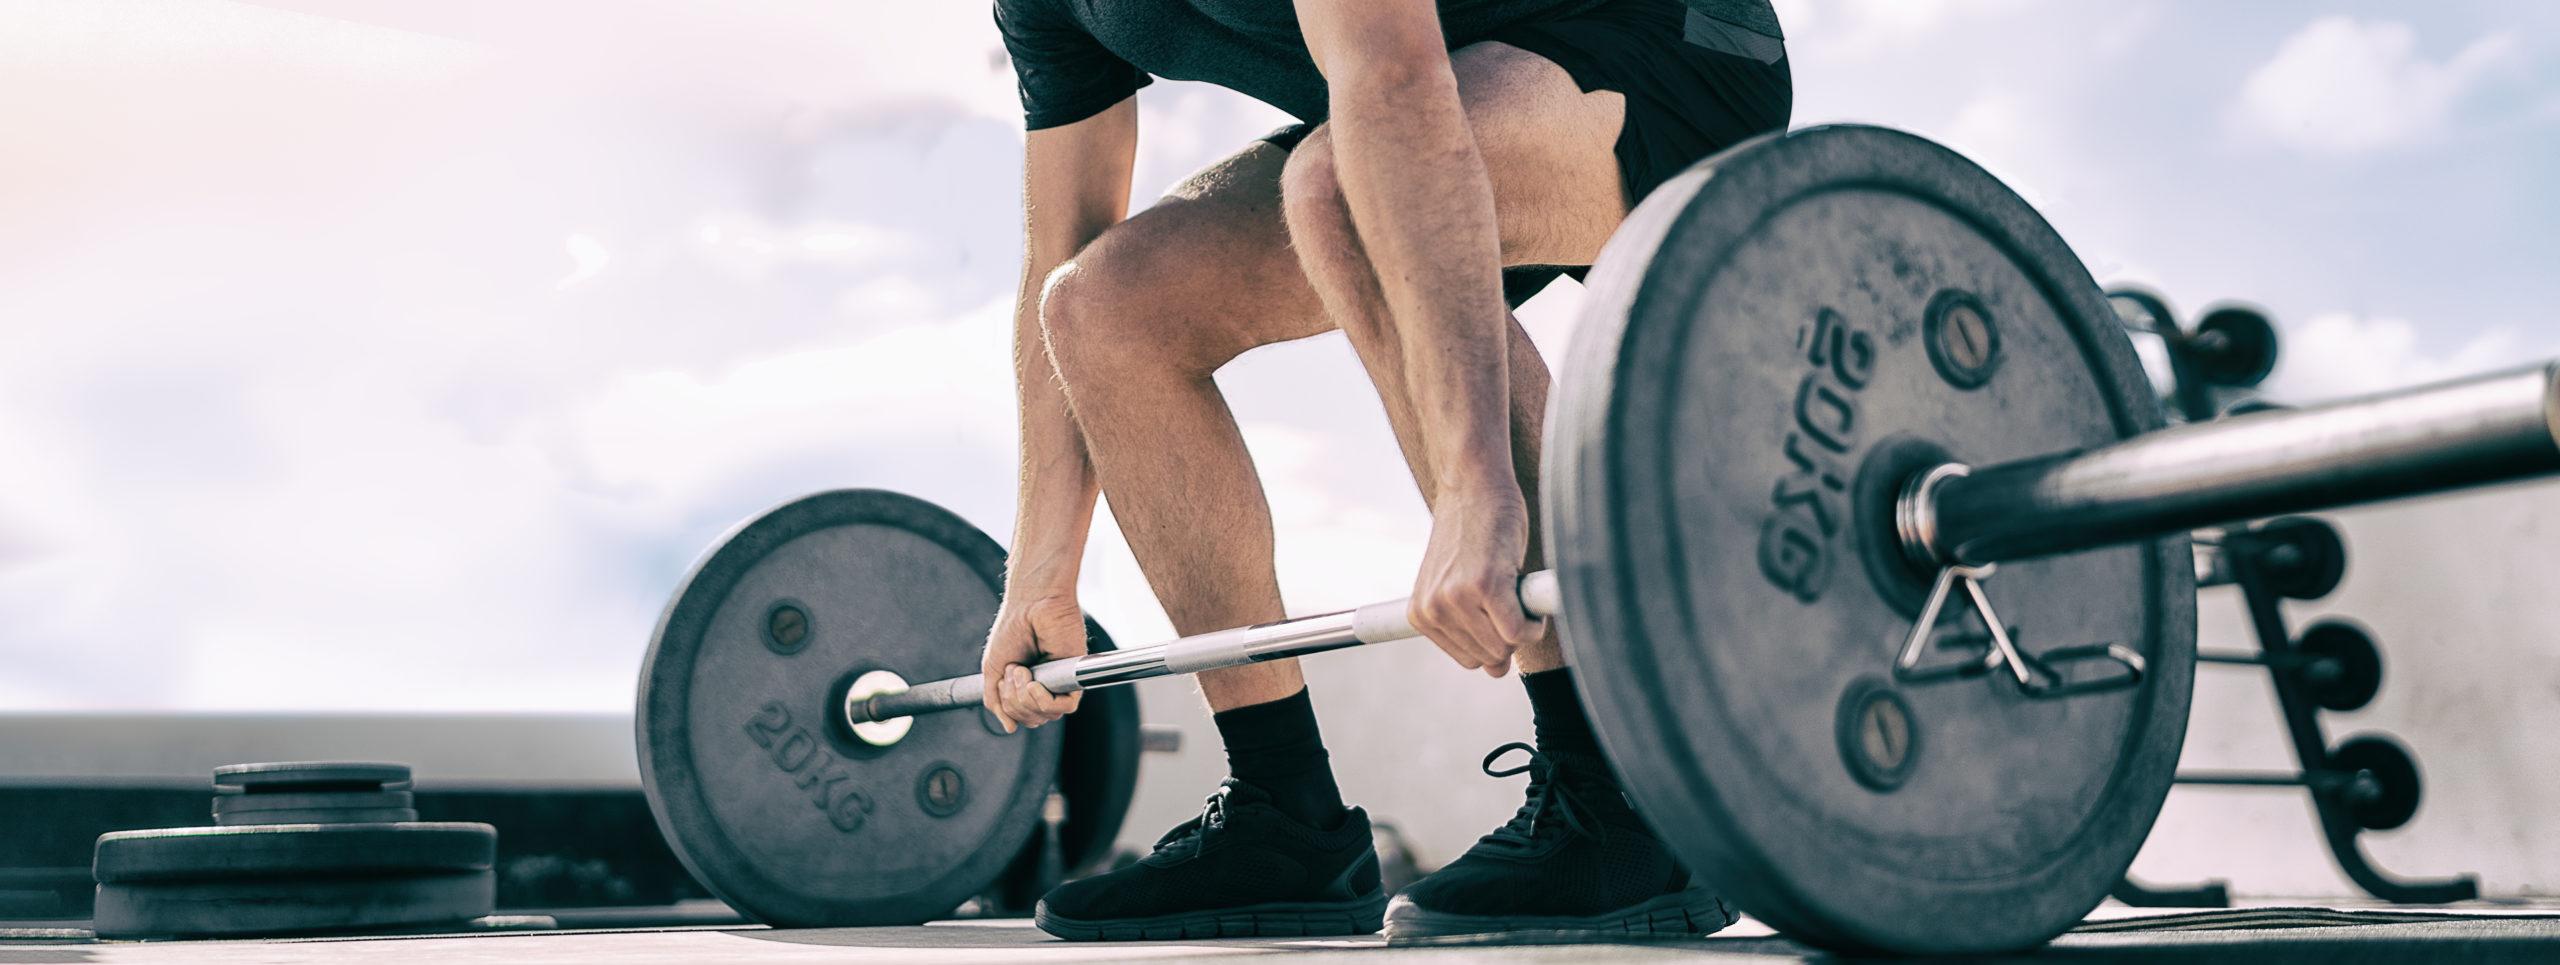 Fitneszparkok új szintre emelve